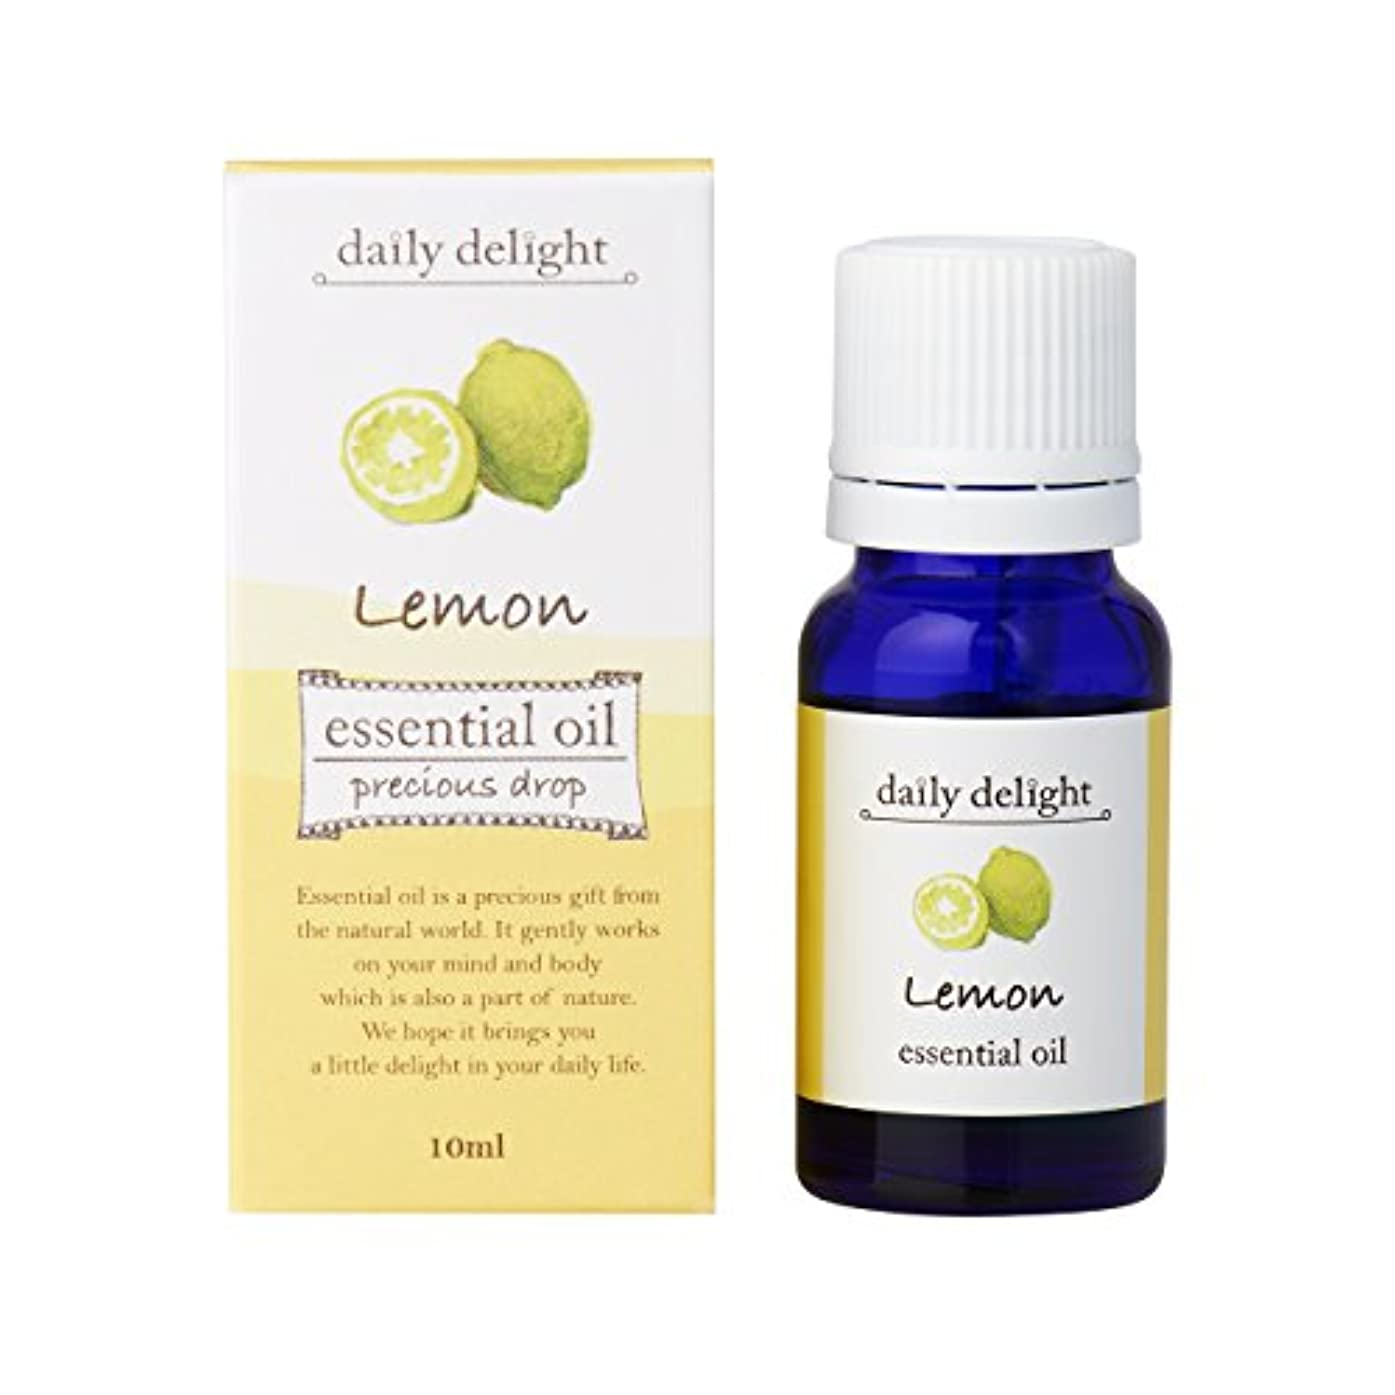 複製する常習的タンパク質デイリーディライト エッセンシャルオイル  レモン 10ml(天然100% 精油 アロマ 柑橘系 さっぱりして気分転換におすすめの香り)